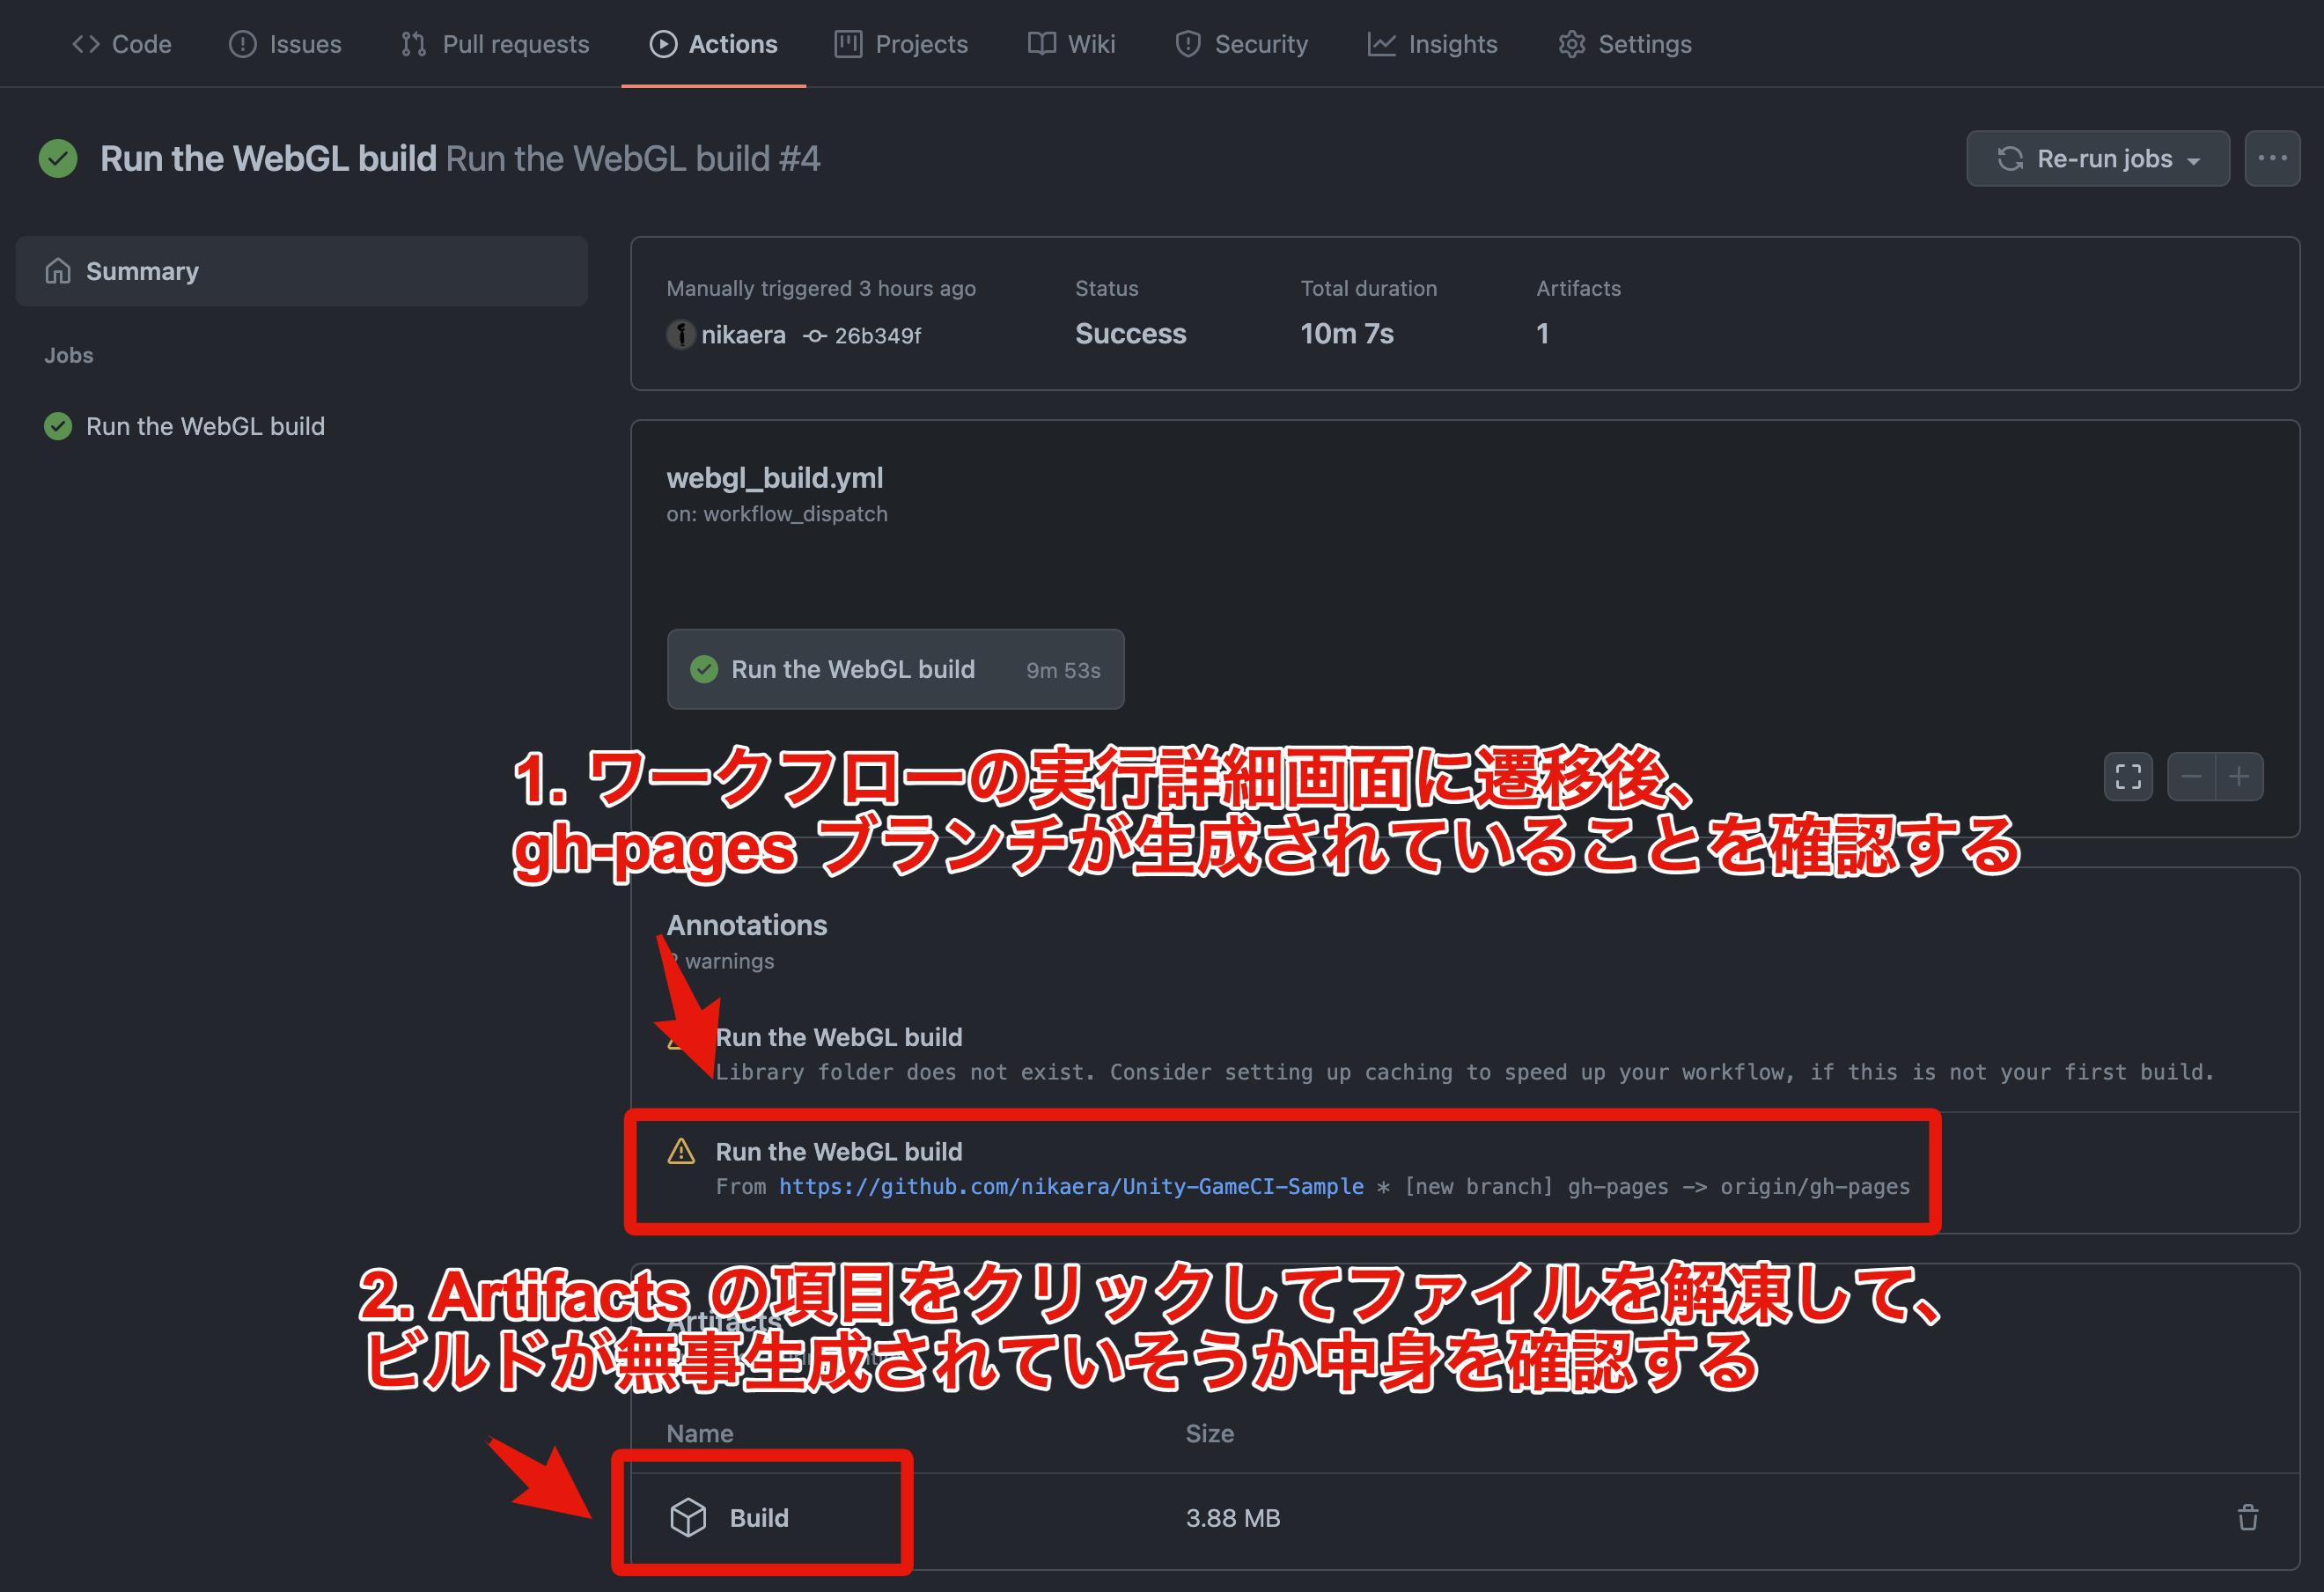 2. ワークフローの実行が成功したら、詳細画面に遷移した後、ビルド内容が正常か確認する